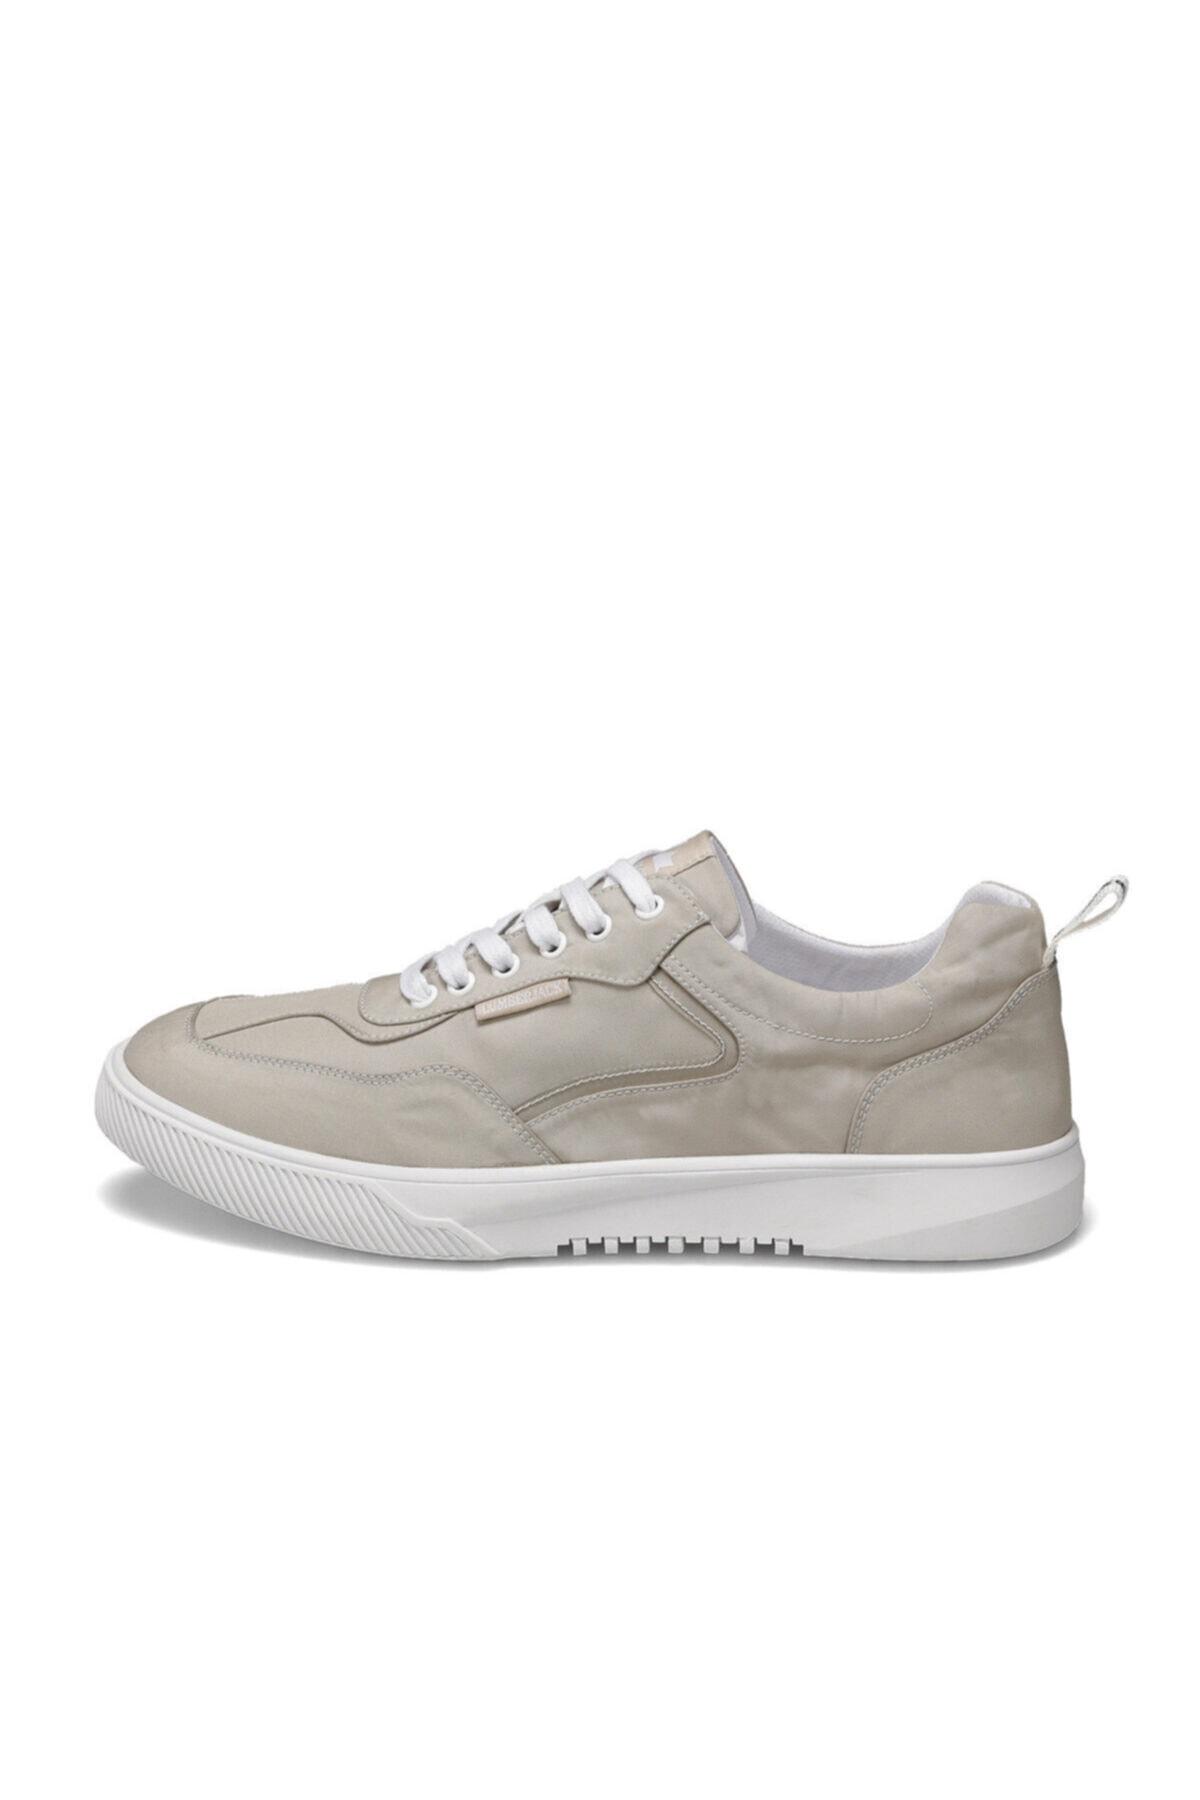 lumberjack KRONOS Bej Erkek Sneaker 100498866 2